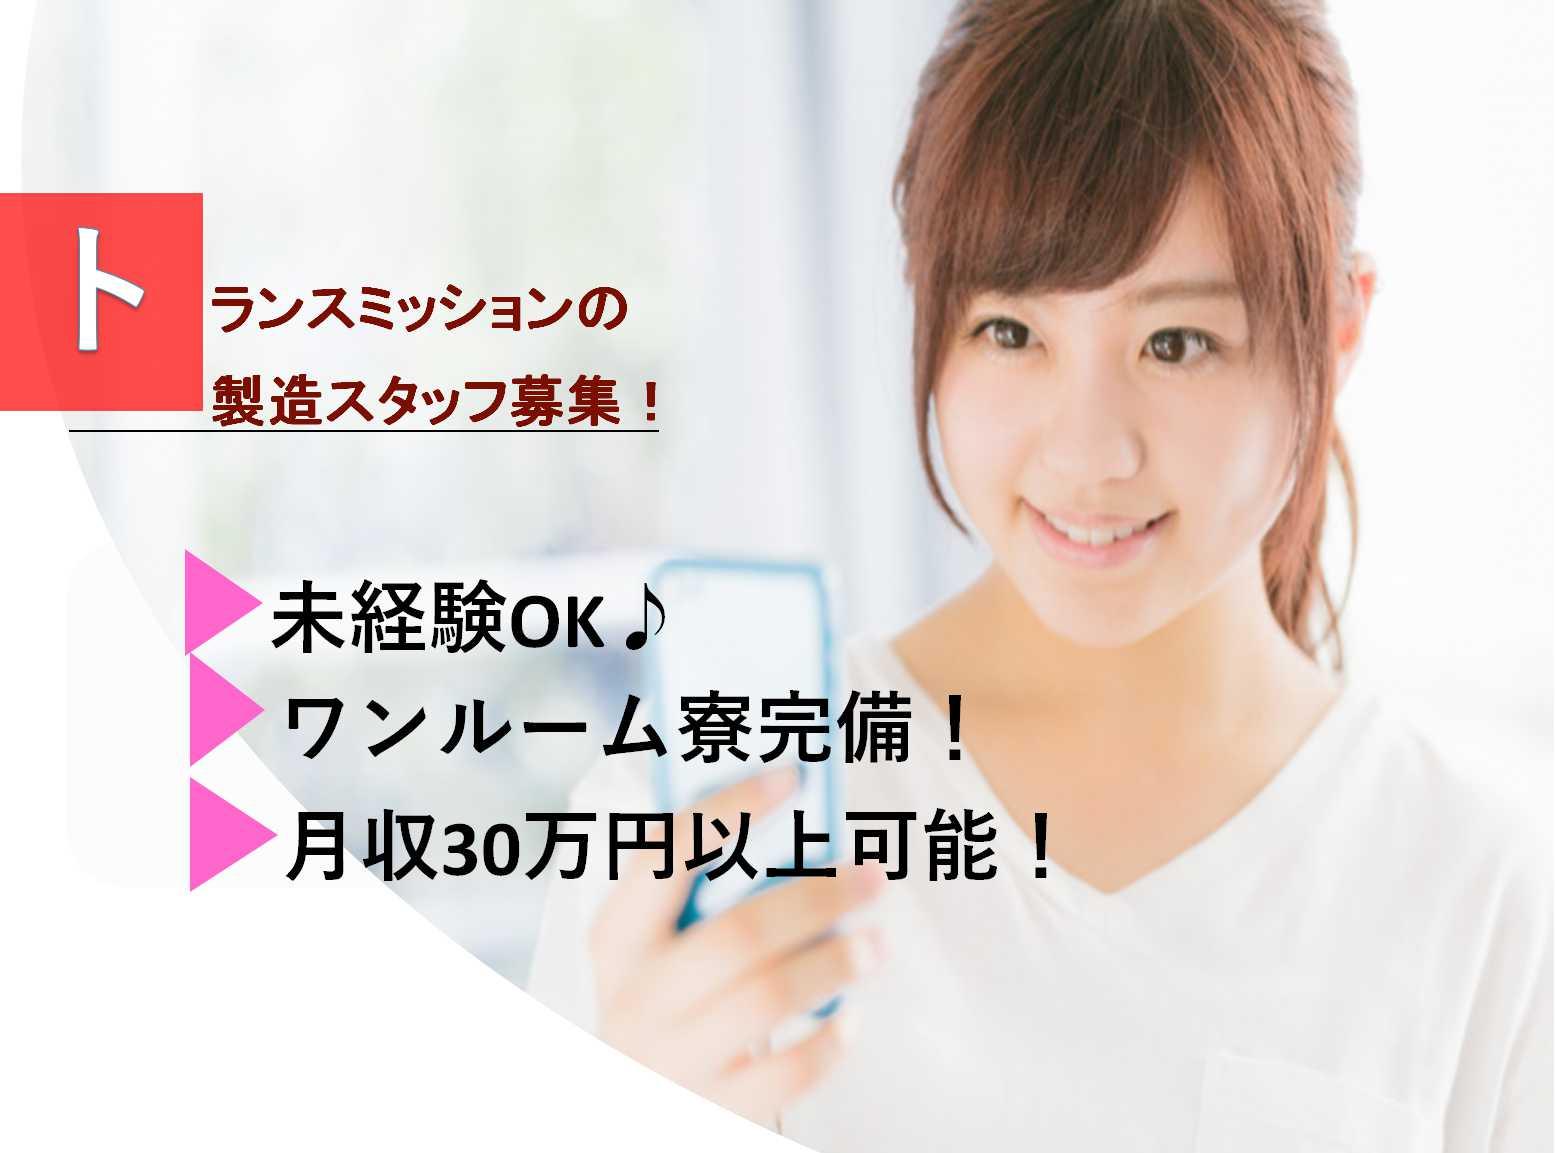 【愛知県安城市】駅から10分♪入寮もOK!トランスミッションの製造【即面談可能】 イメージ